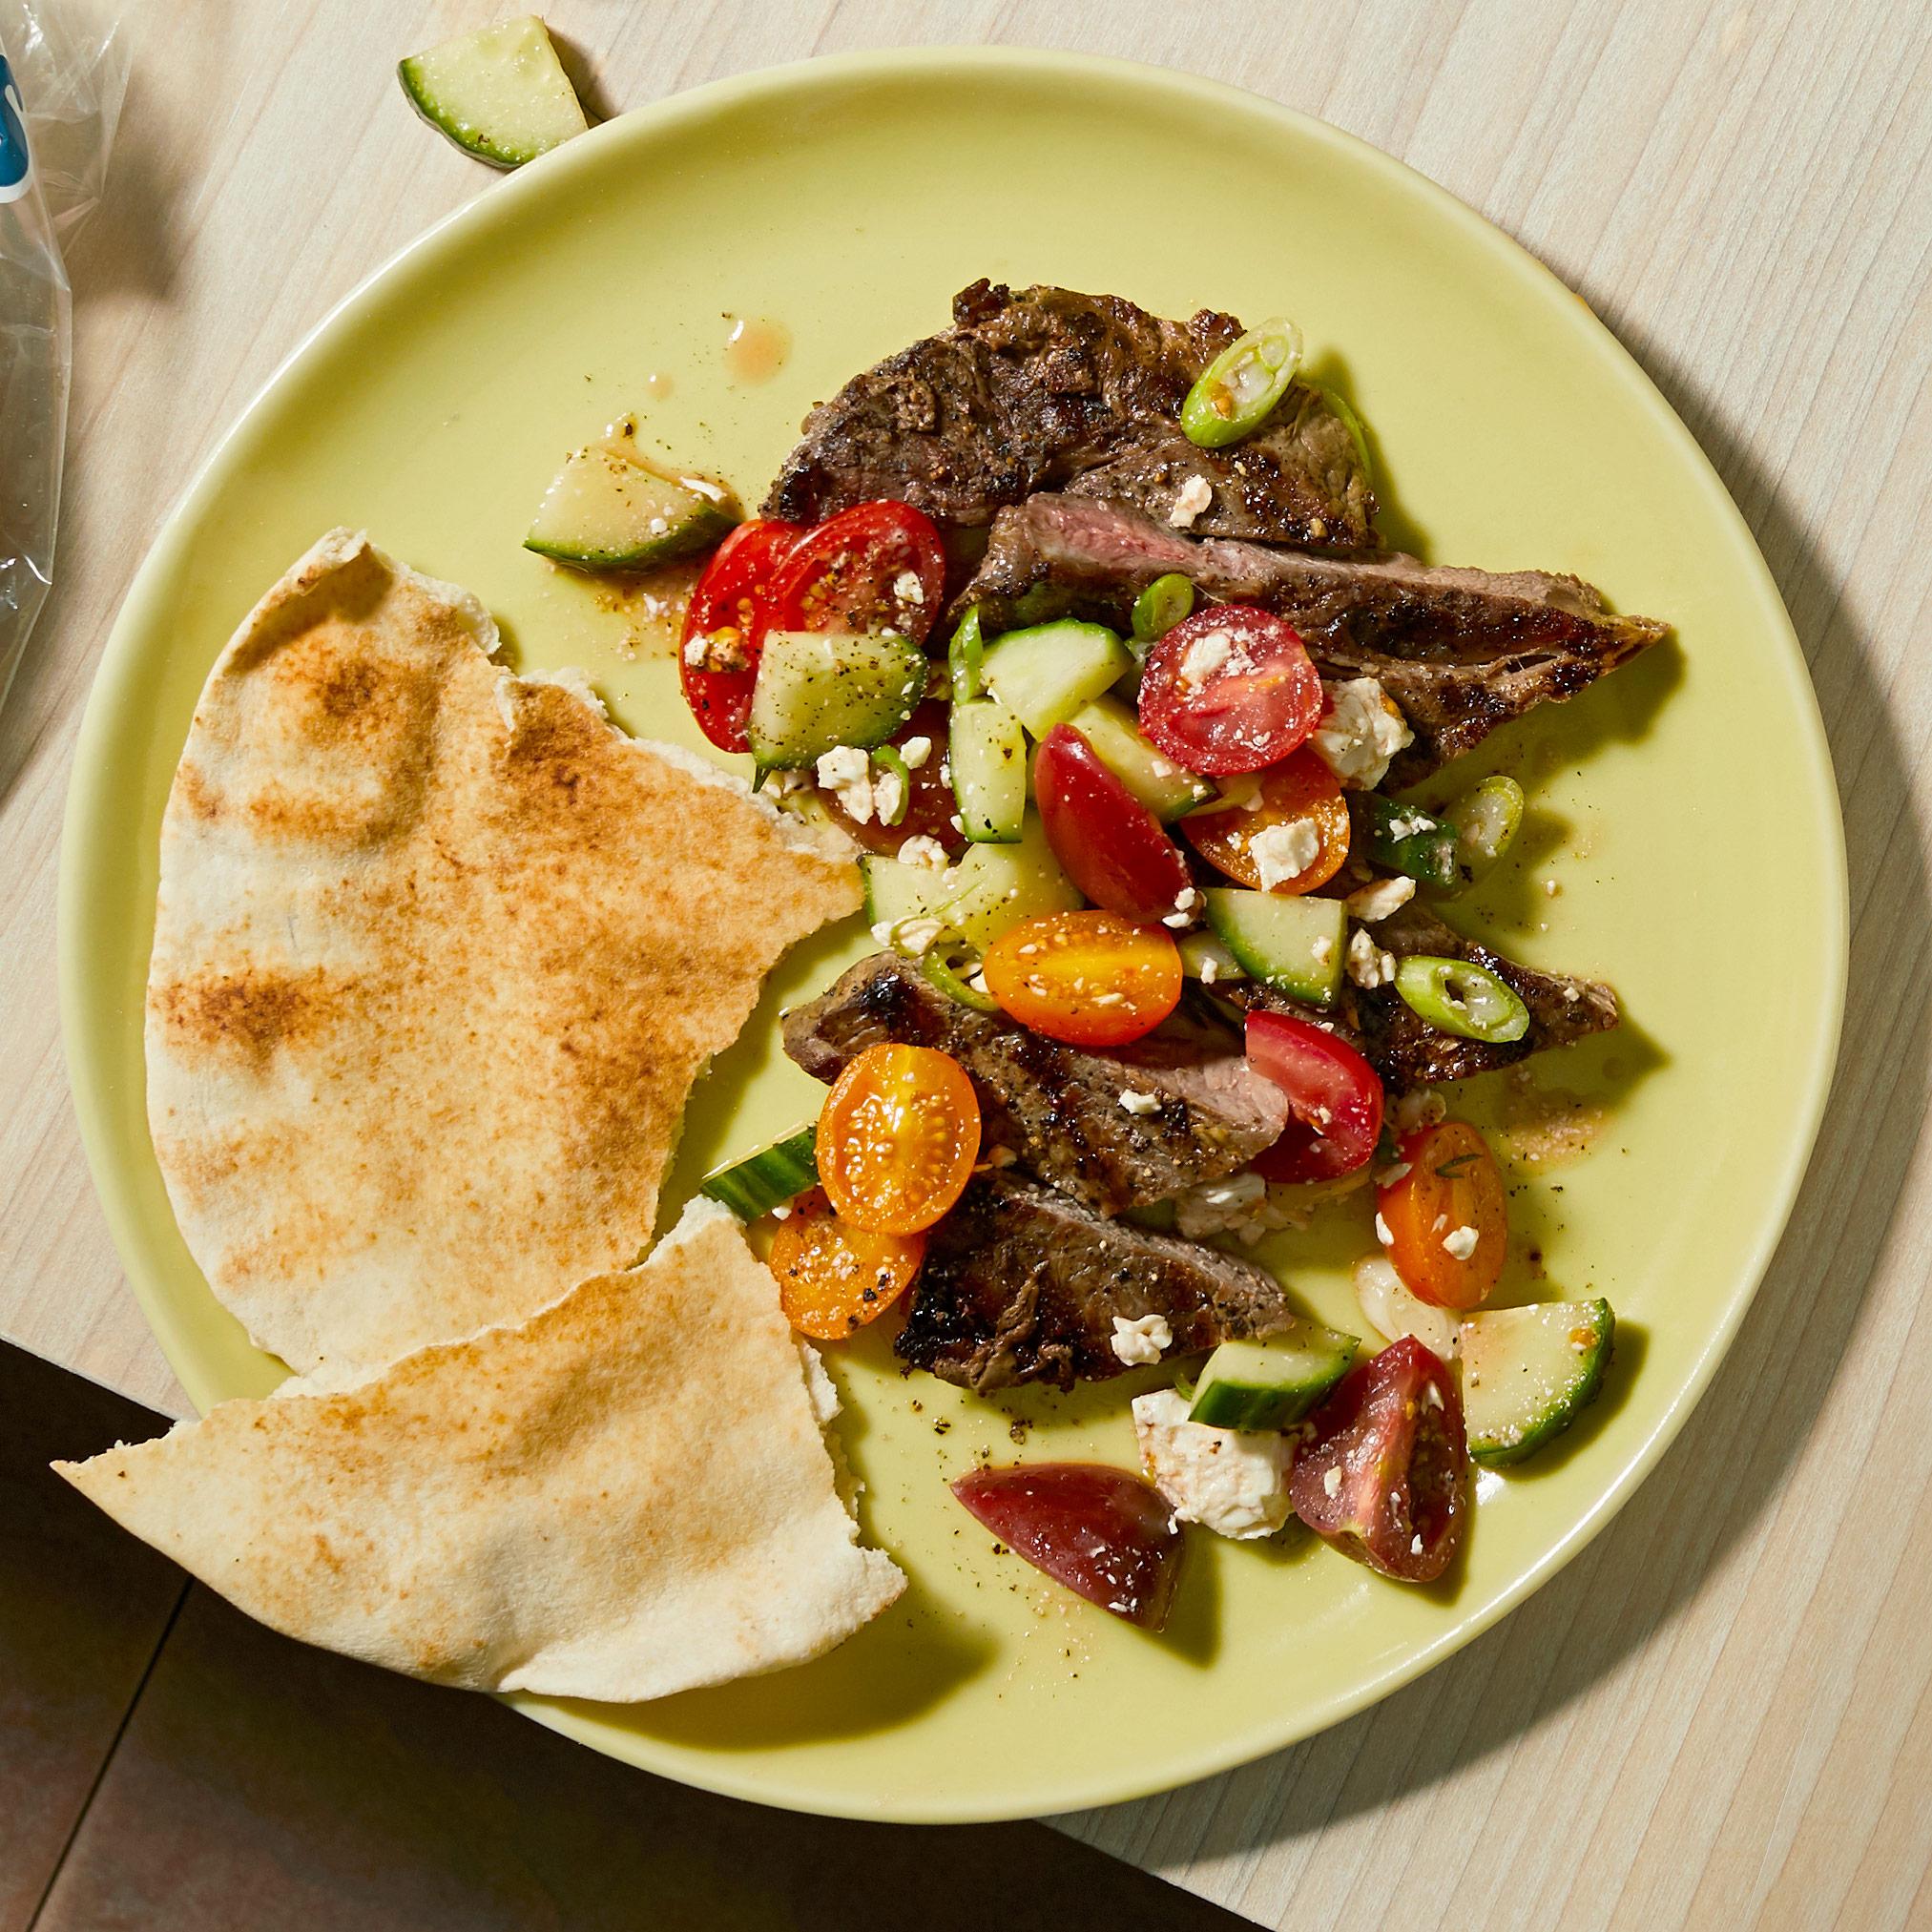 greek steak and salad on plate